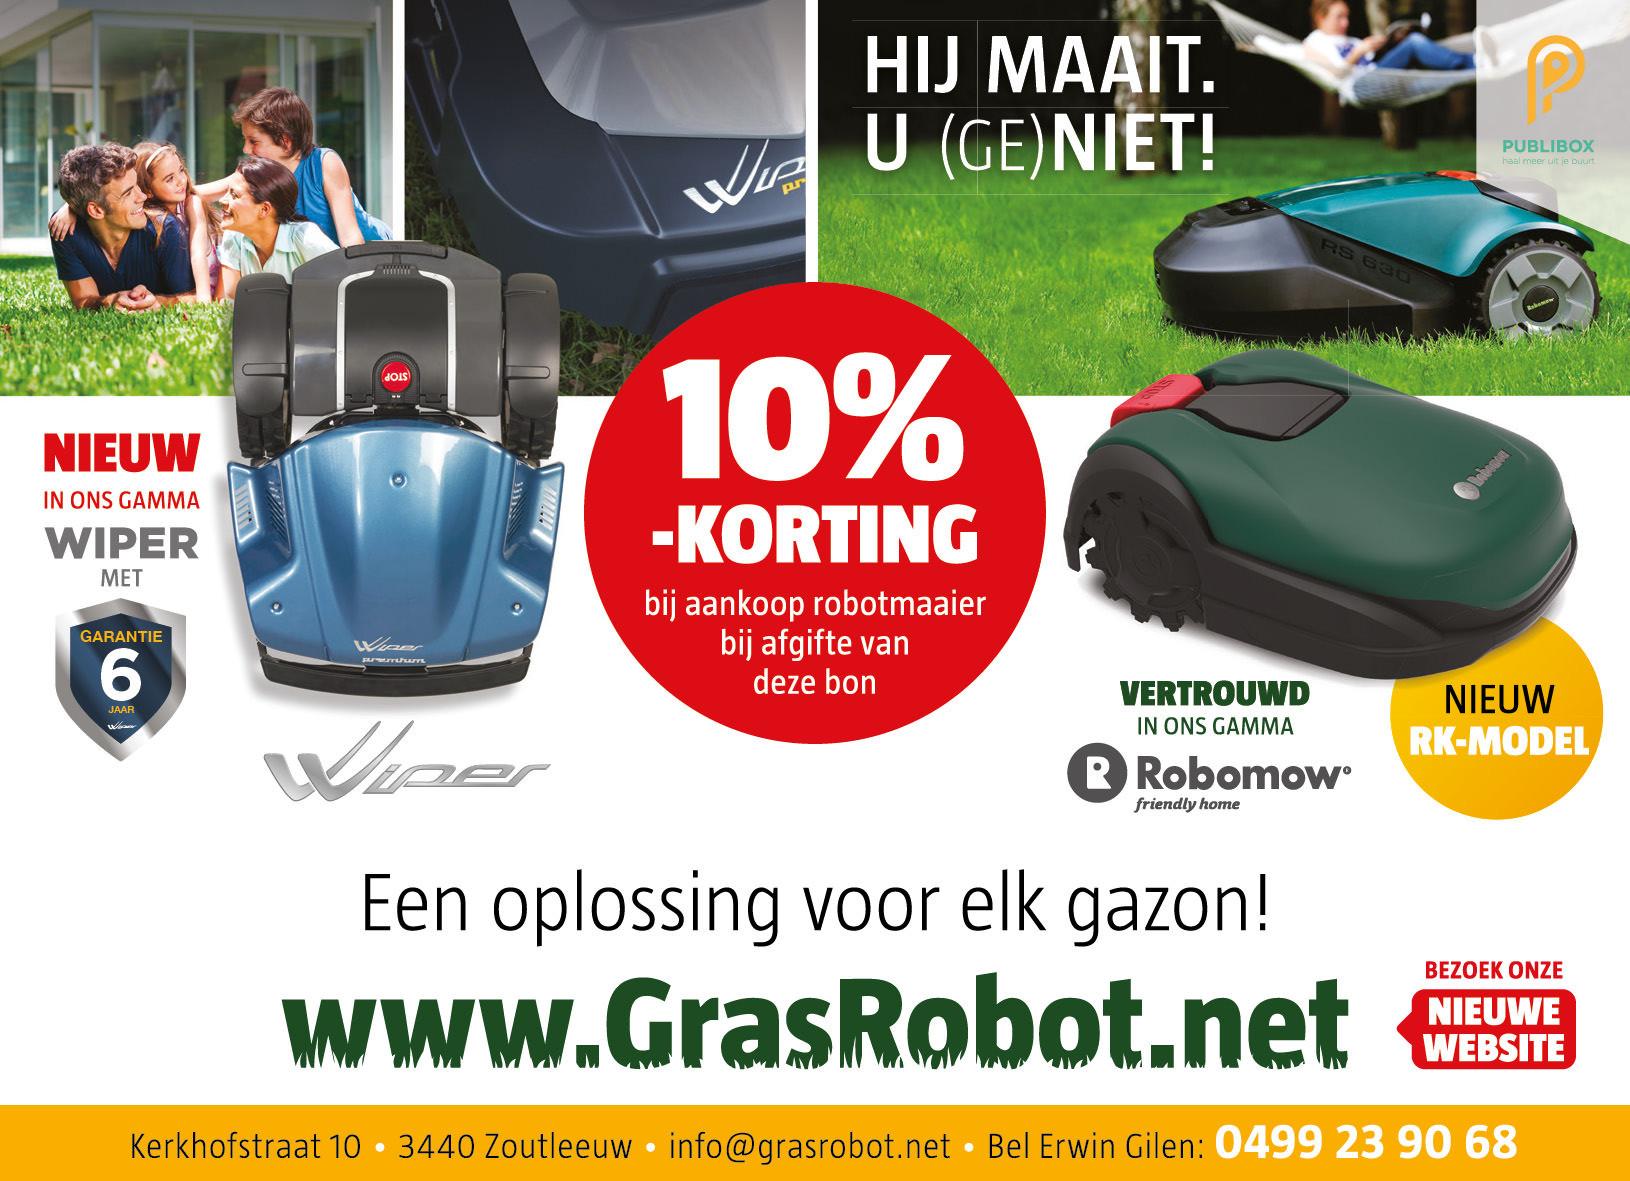 GRASROBOT.NET